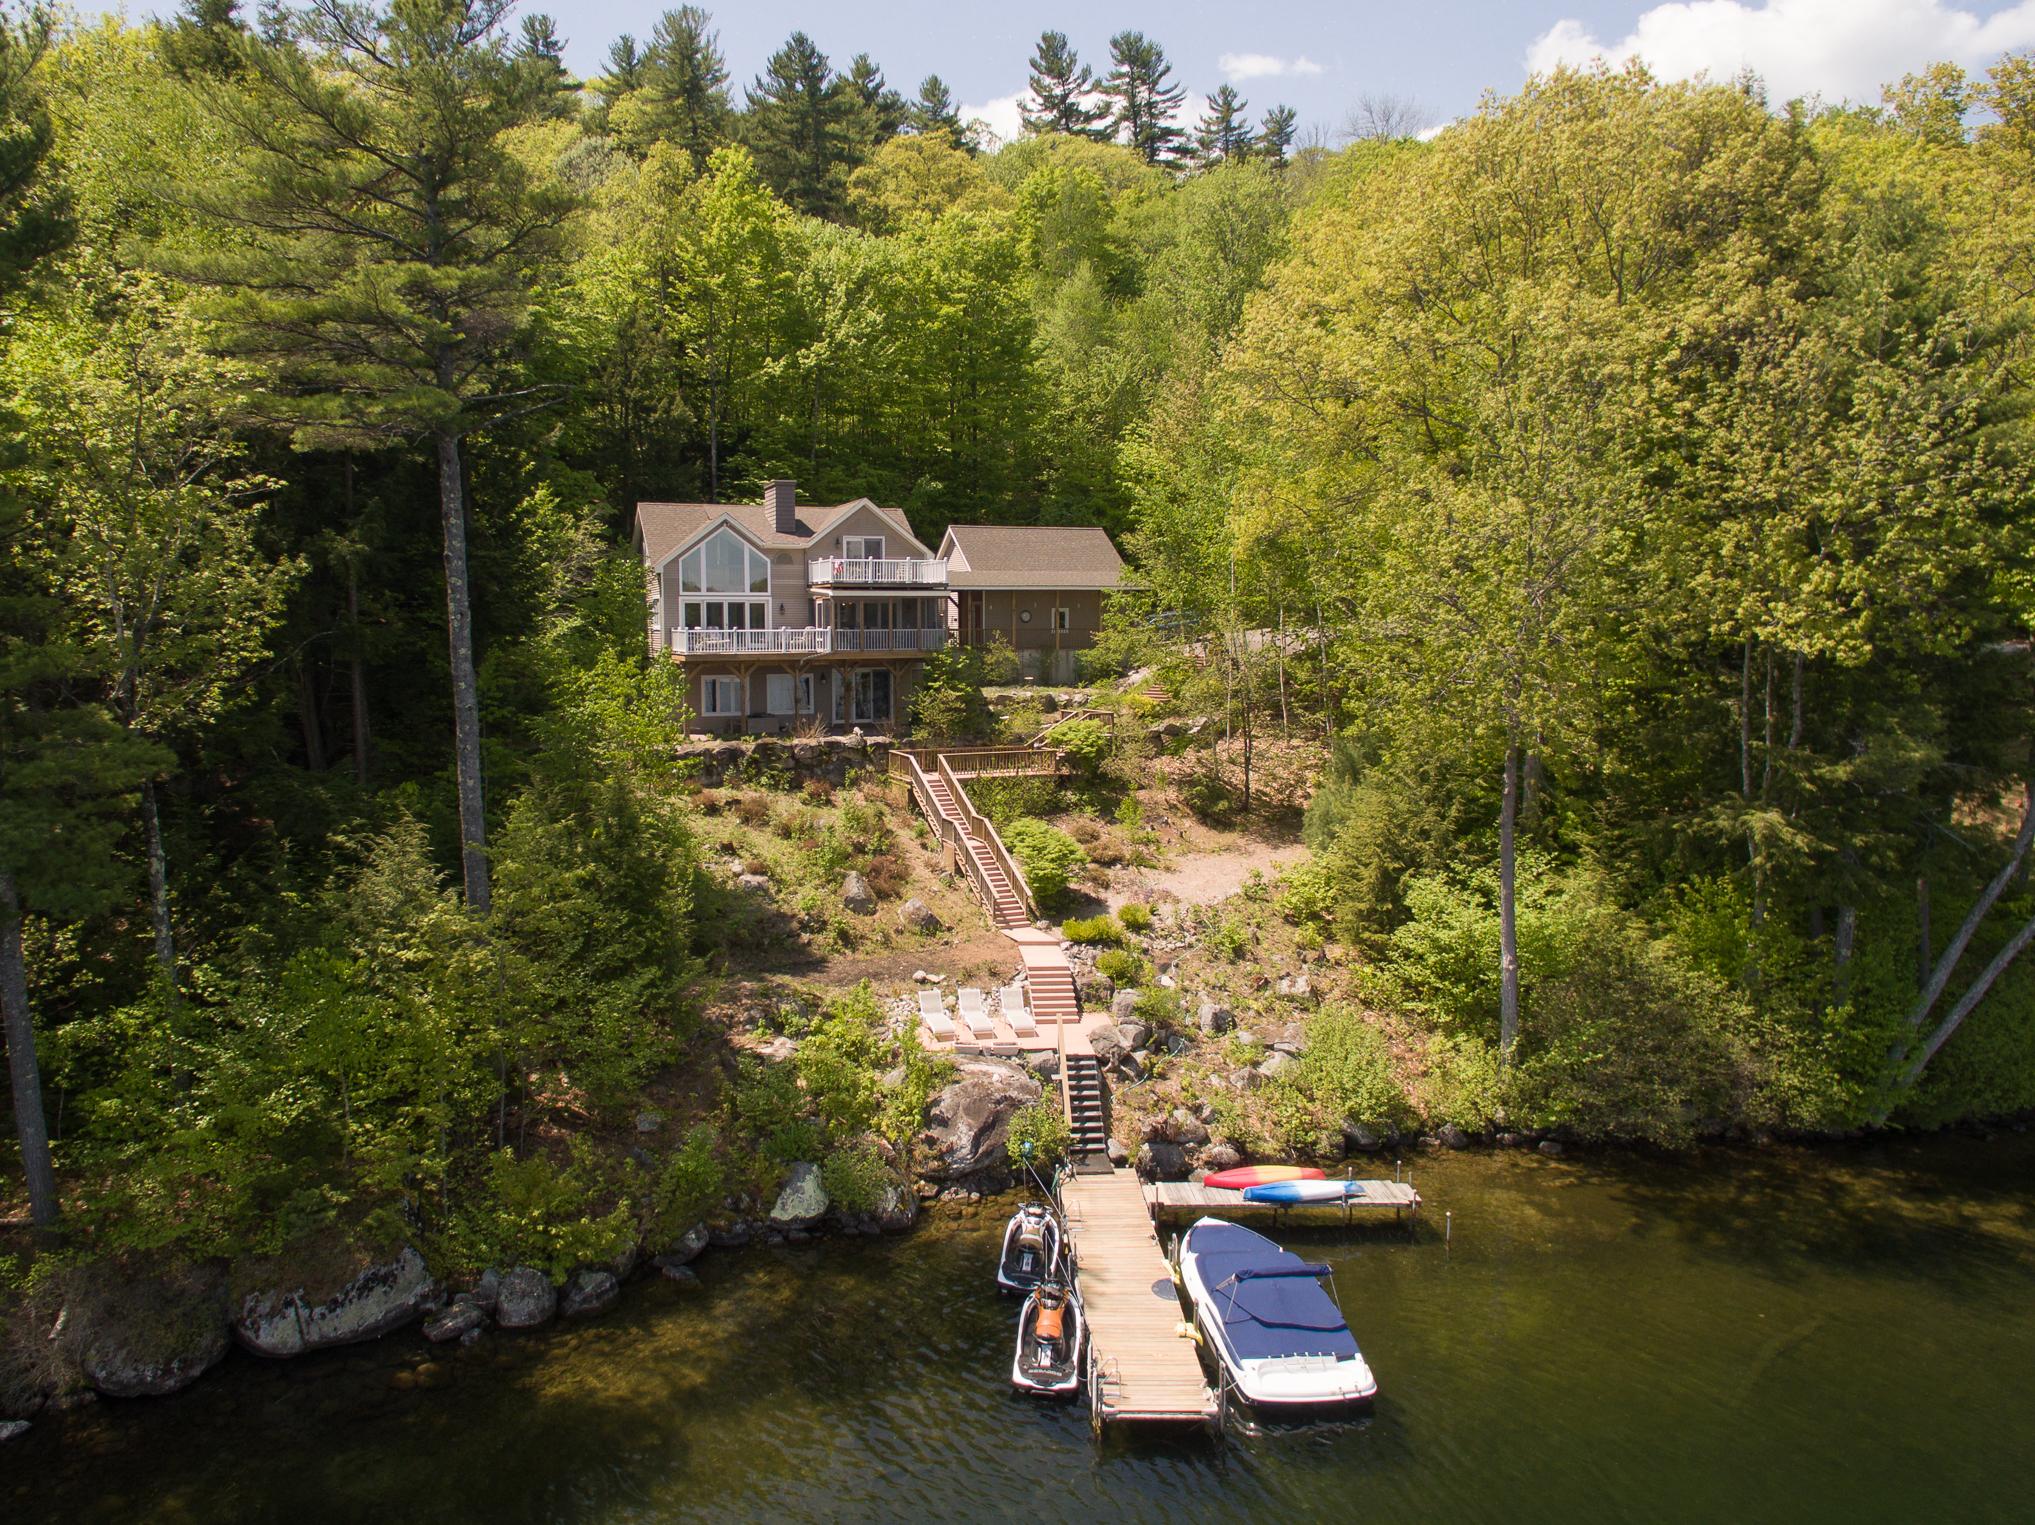 Maison unifamiliale pour l Vente à 96 Swain Rd, Meredith Meredith, New Hampshire, 03253 États-Unis